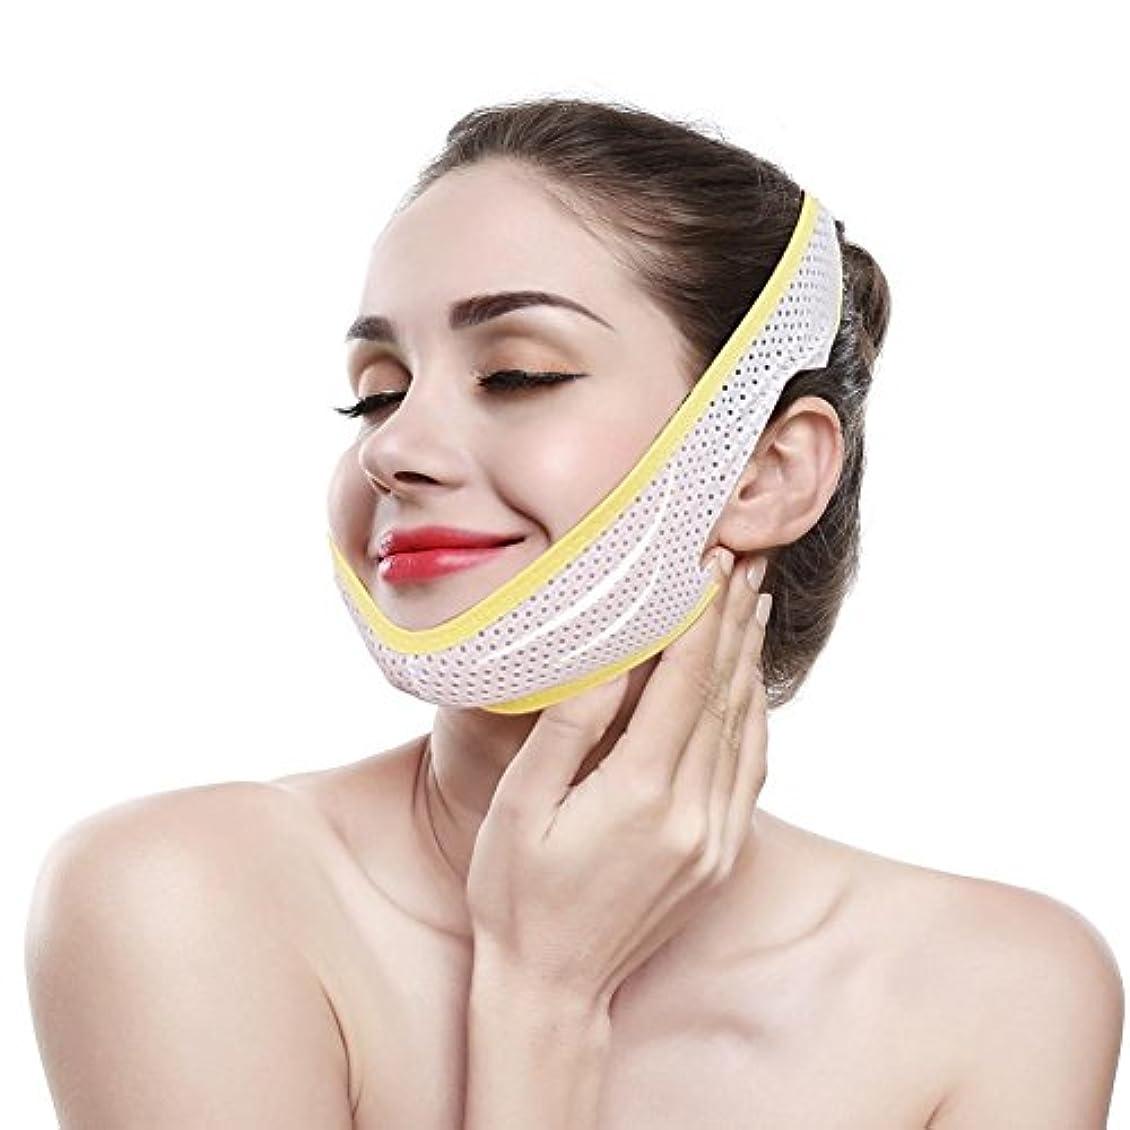 許可する陰謀キュービック顎リフト フェイススリミング包帯 フェイスベルト 顔の包帯スリミングダブルチンVラインとフェイシャルケアファーミングスキン 女性の超薄型 フェイスマス クラインベルト スリミング製品マスク(M)